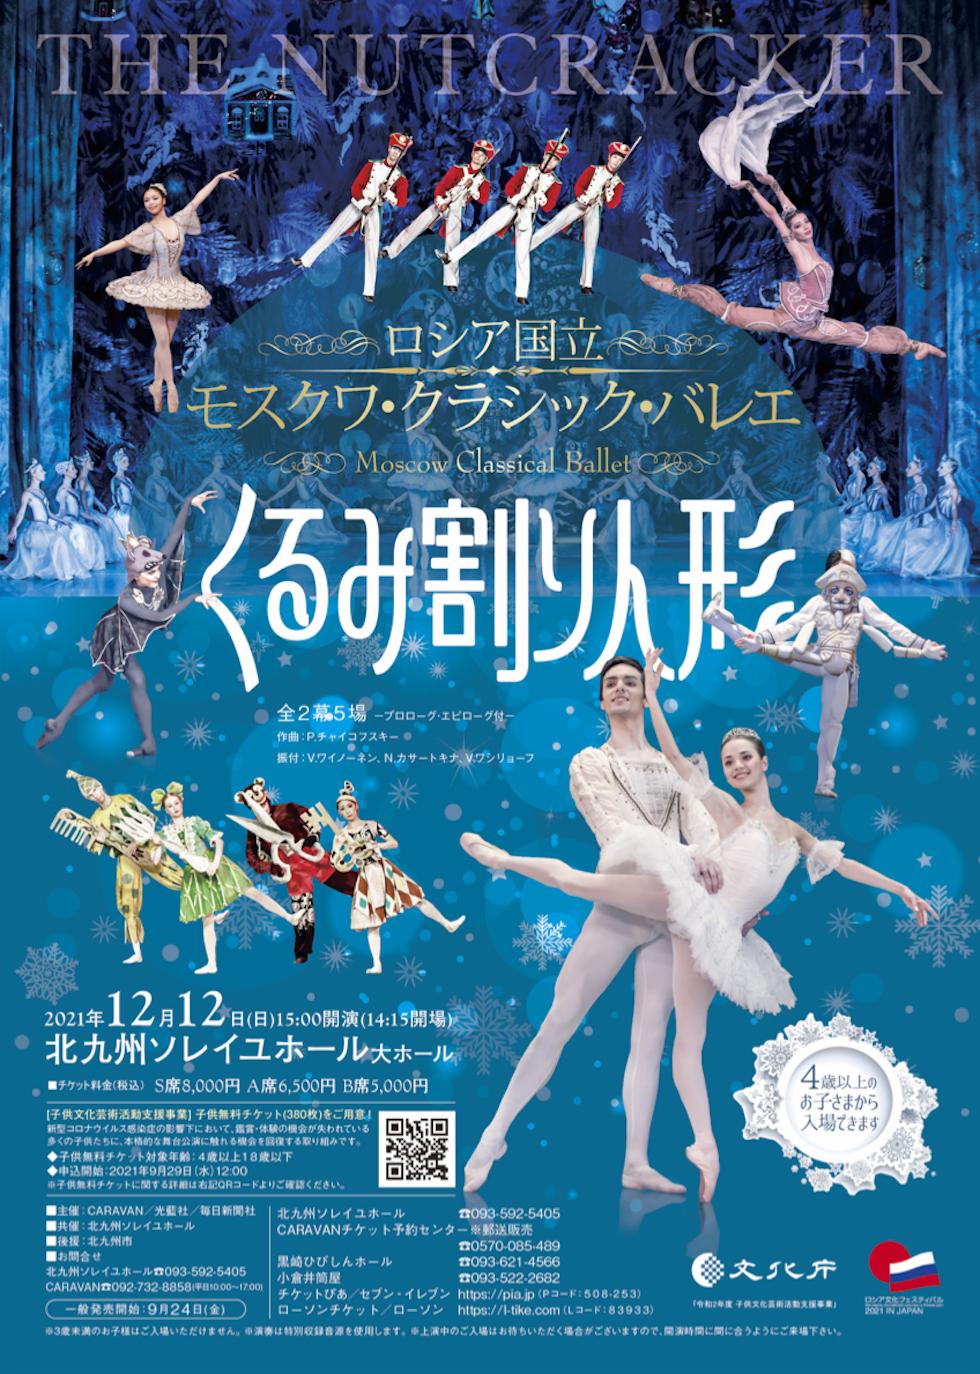 ロシア国立モスクワ・クラシック・バレエ『くるみ割り人形』